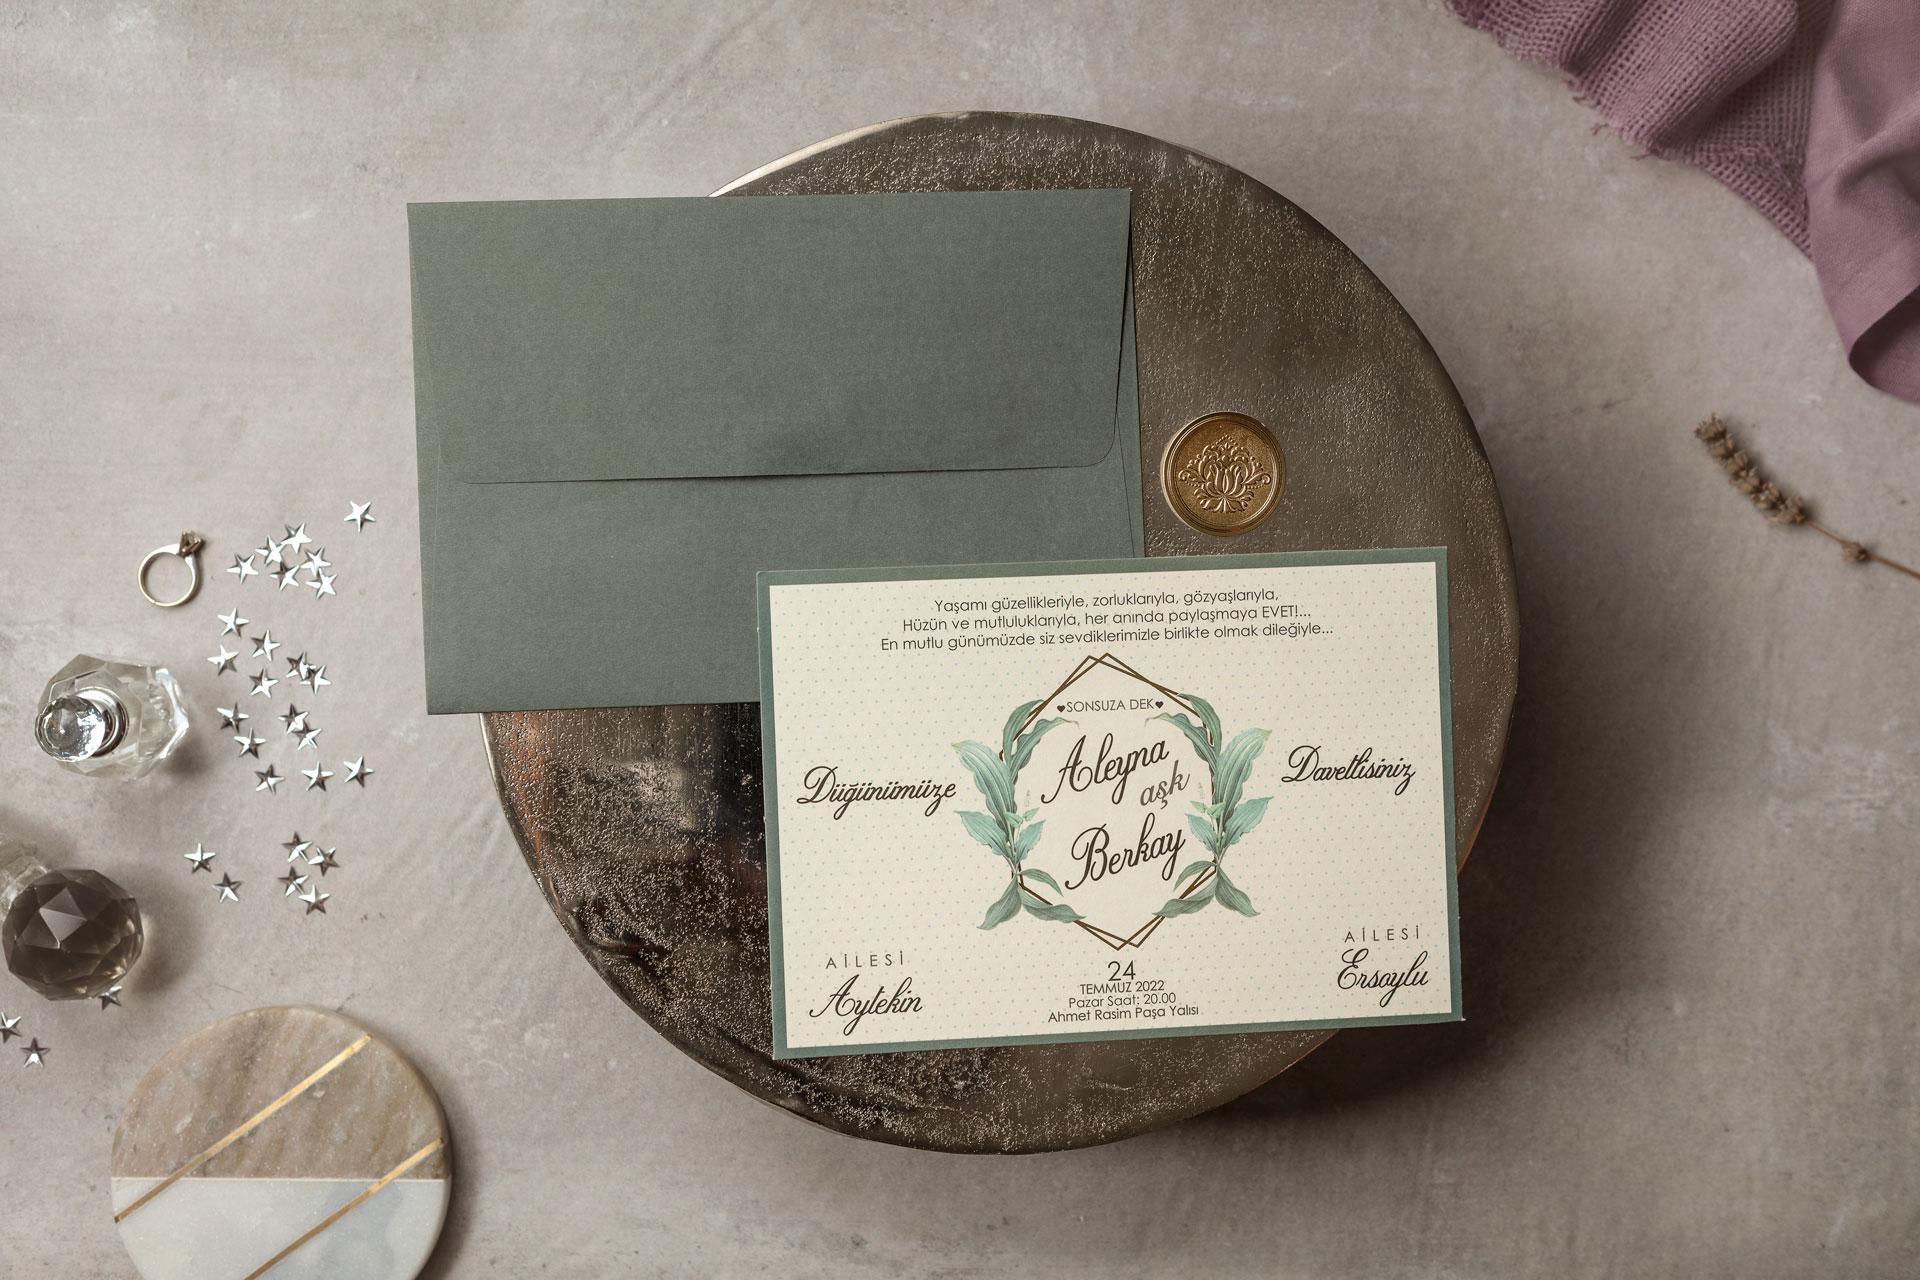 zeytin-dalı-davetiye-kayra-davetiye-8381-2